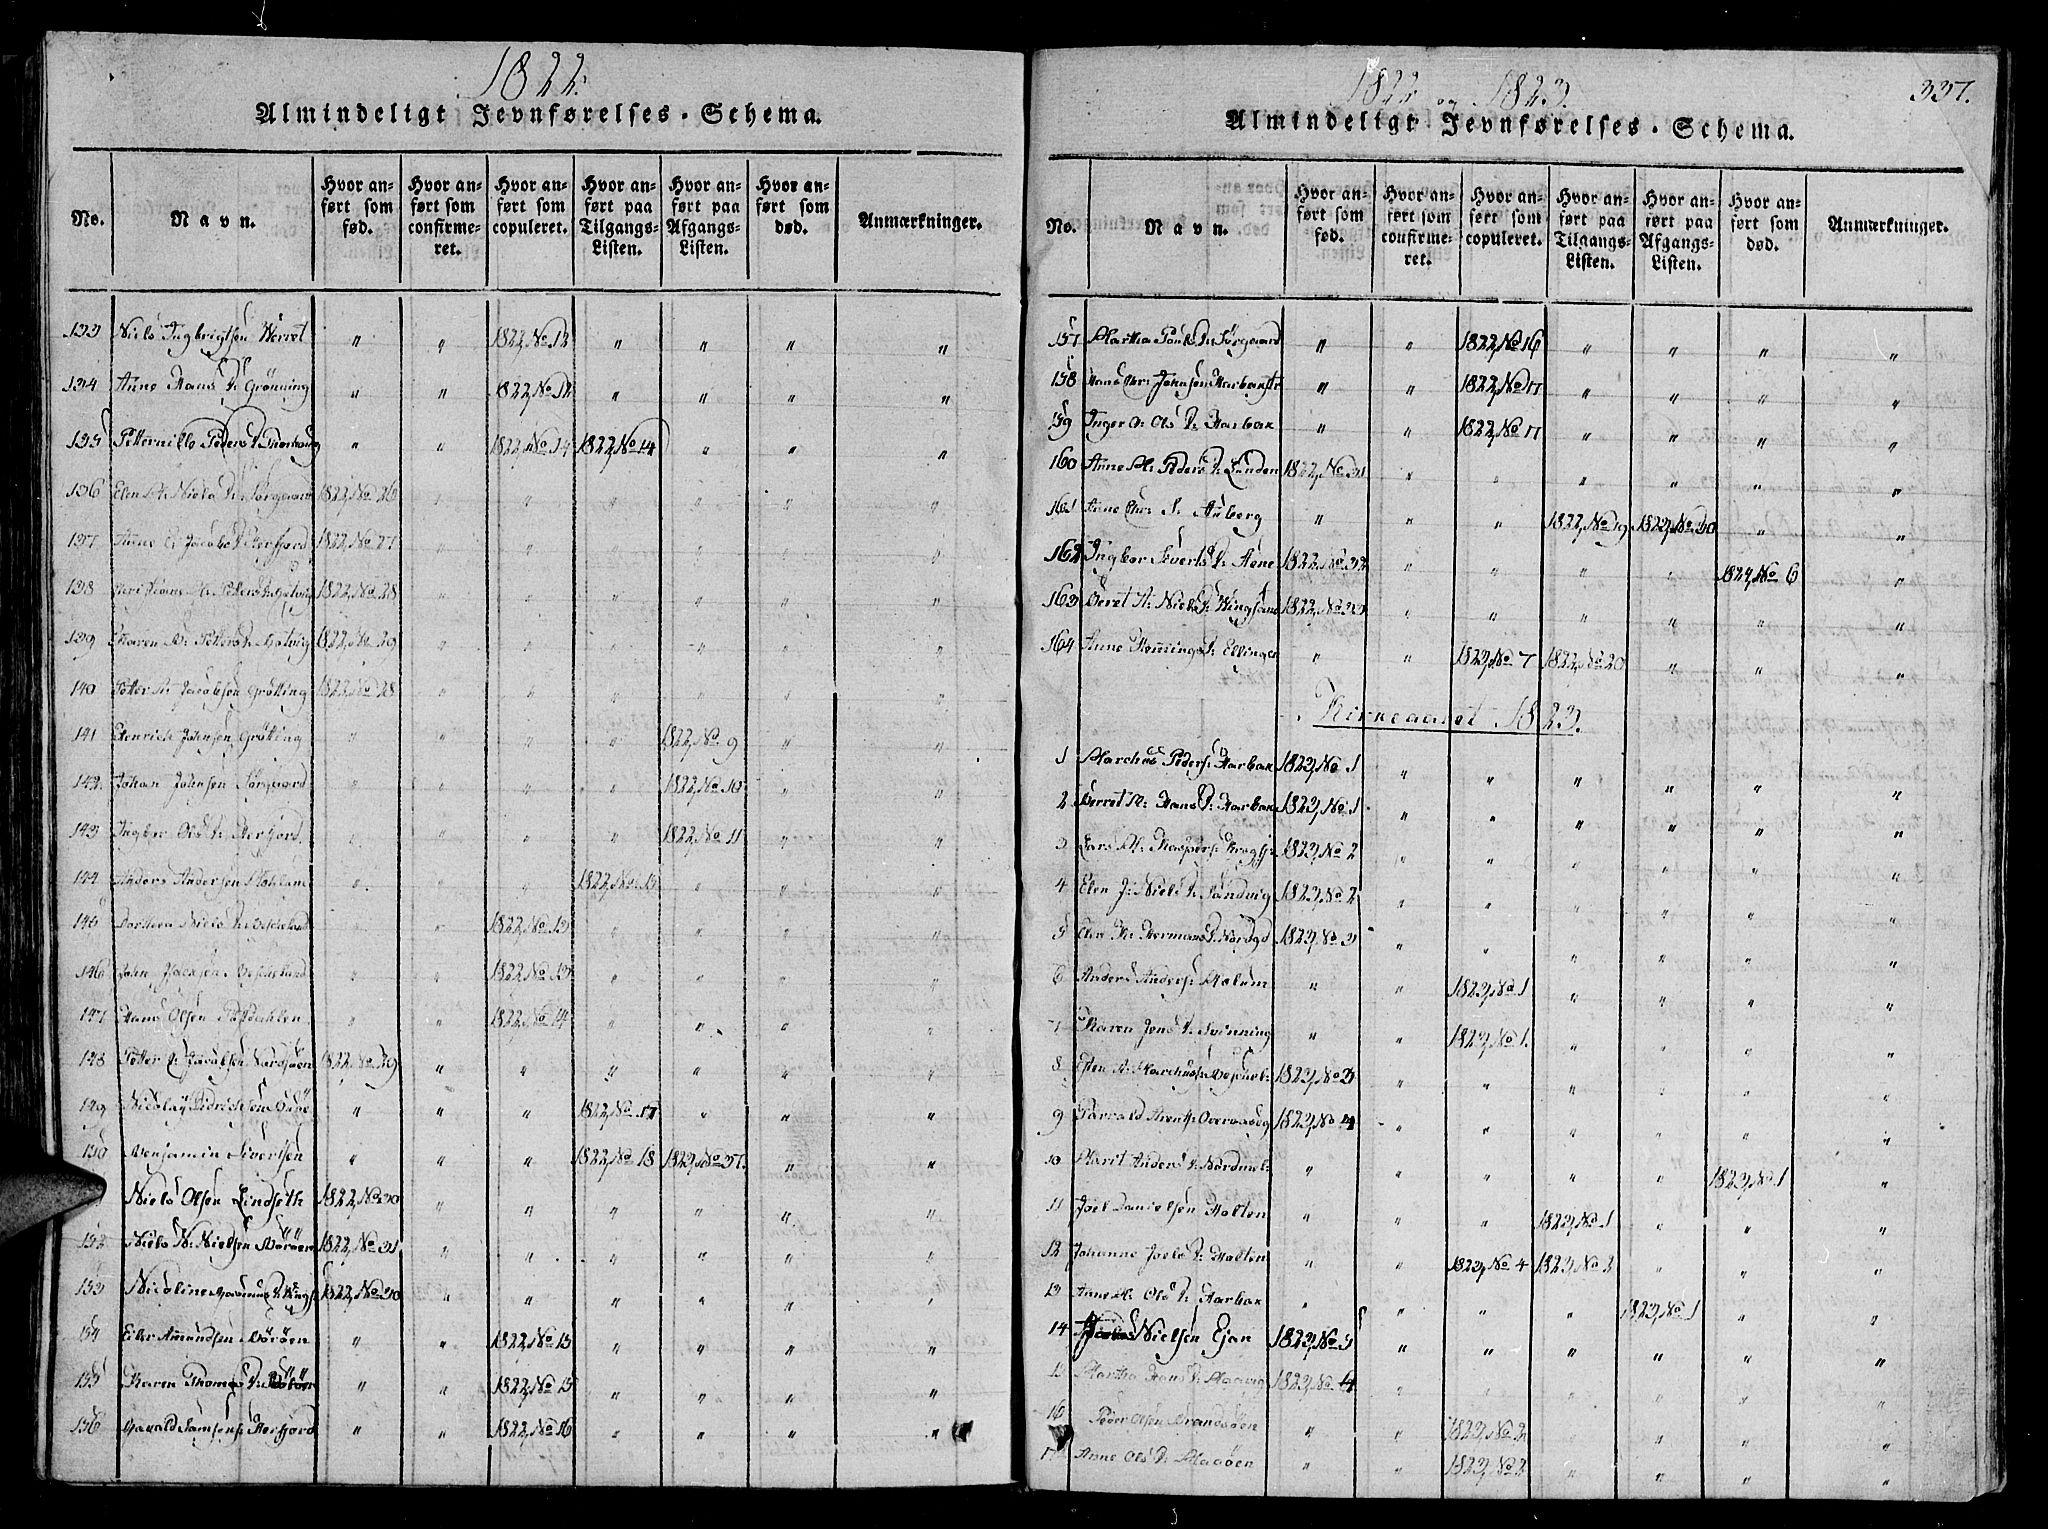 SAT, Ministerialprotokoller, klokkerbøker og fødselsregistre - Sør-Trøndelag, 657/L0702: Ministerialbok nr. 657A03, 1818-1831, s. 337